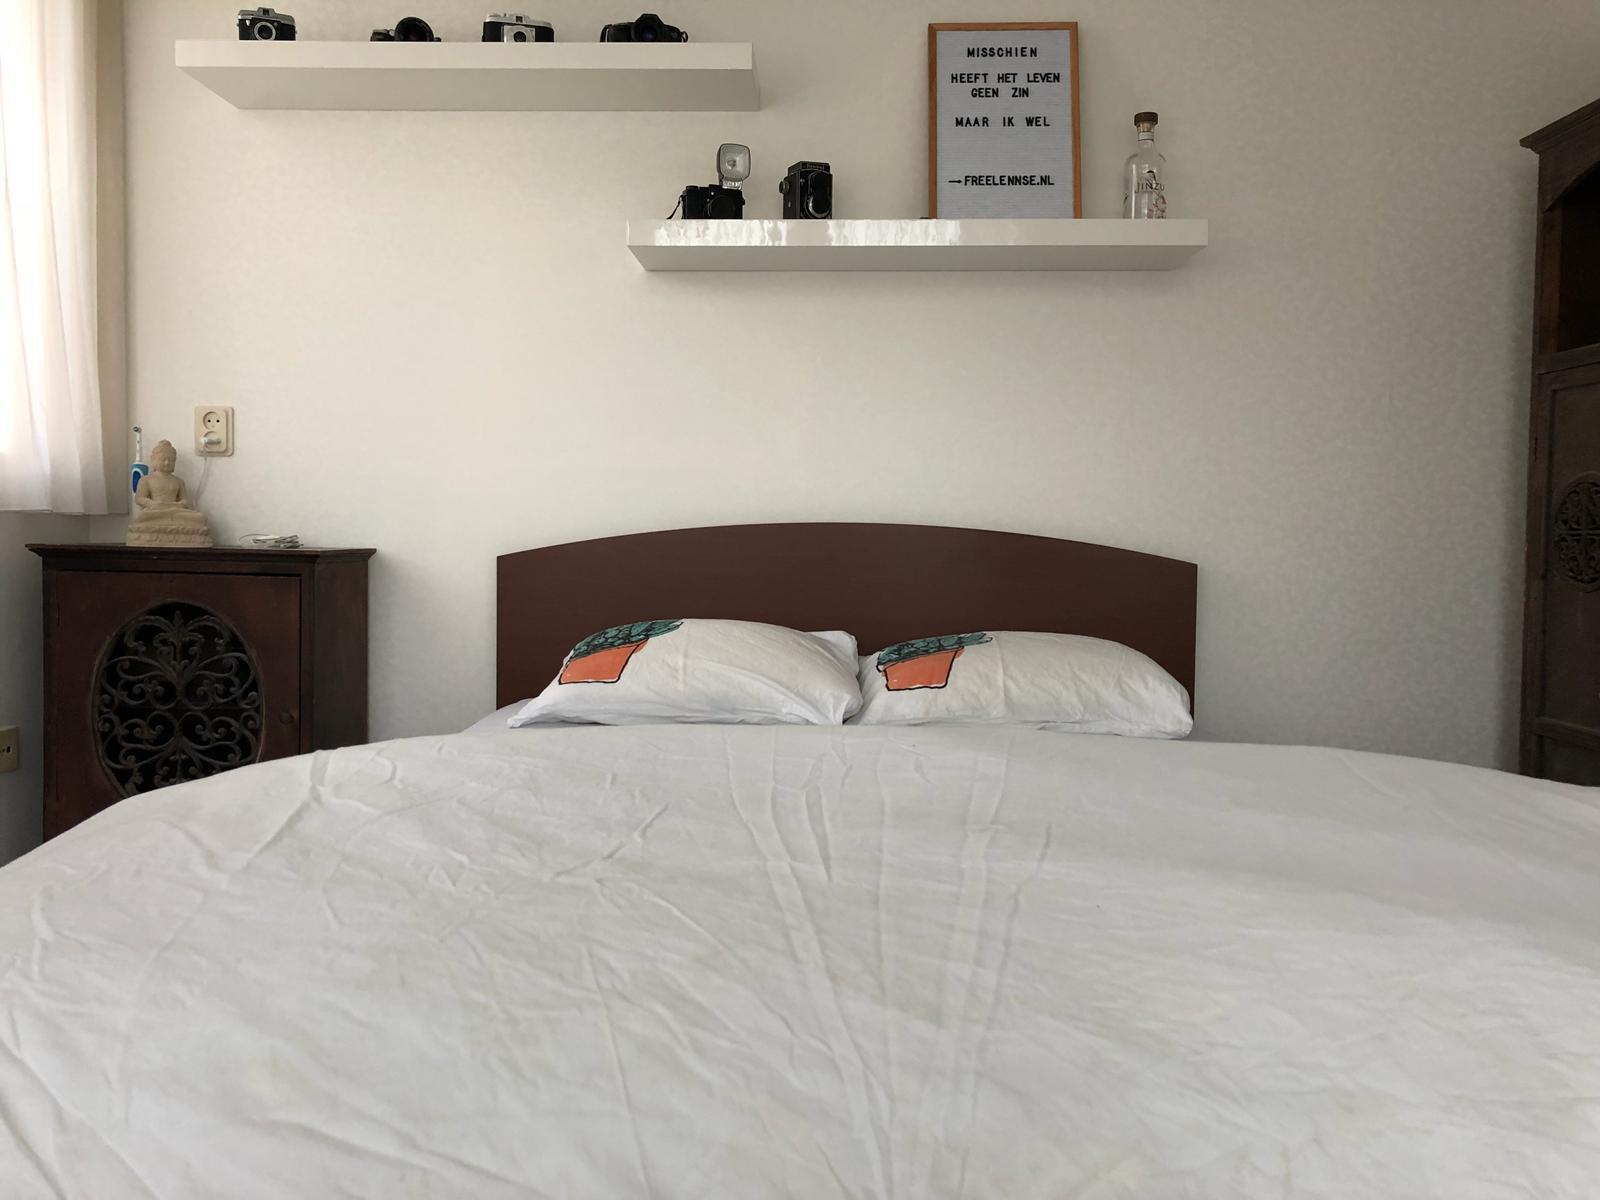 Schoon bed